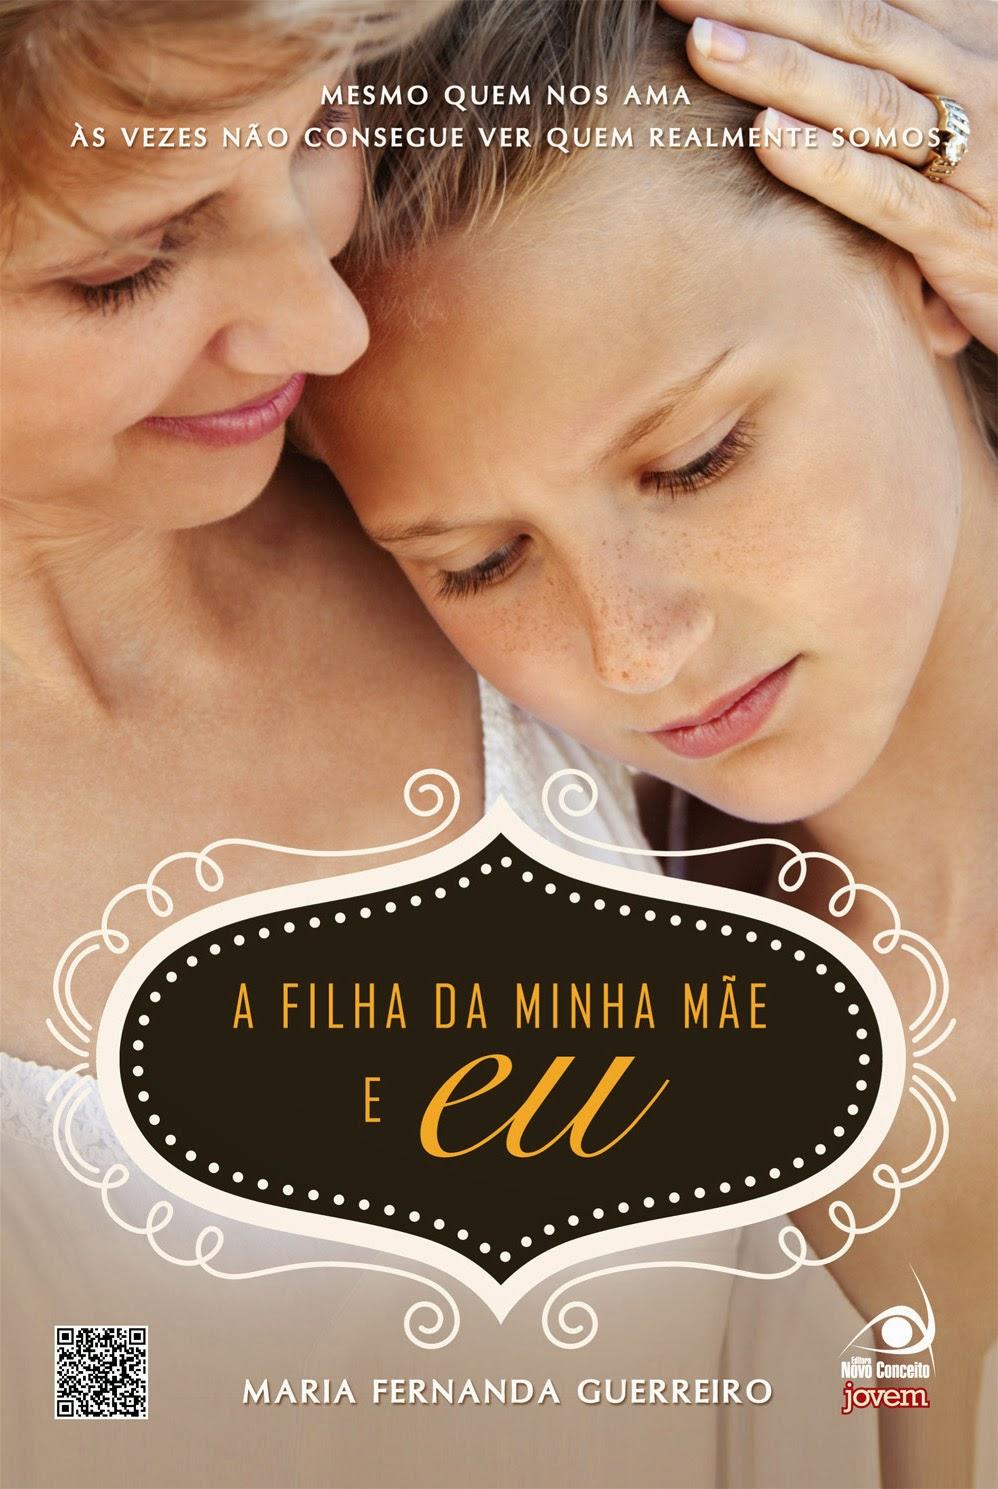 [Resenha] A Filha da Minha Mãe e Eu - Maria Fernanda Guerreiro